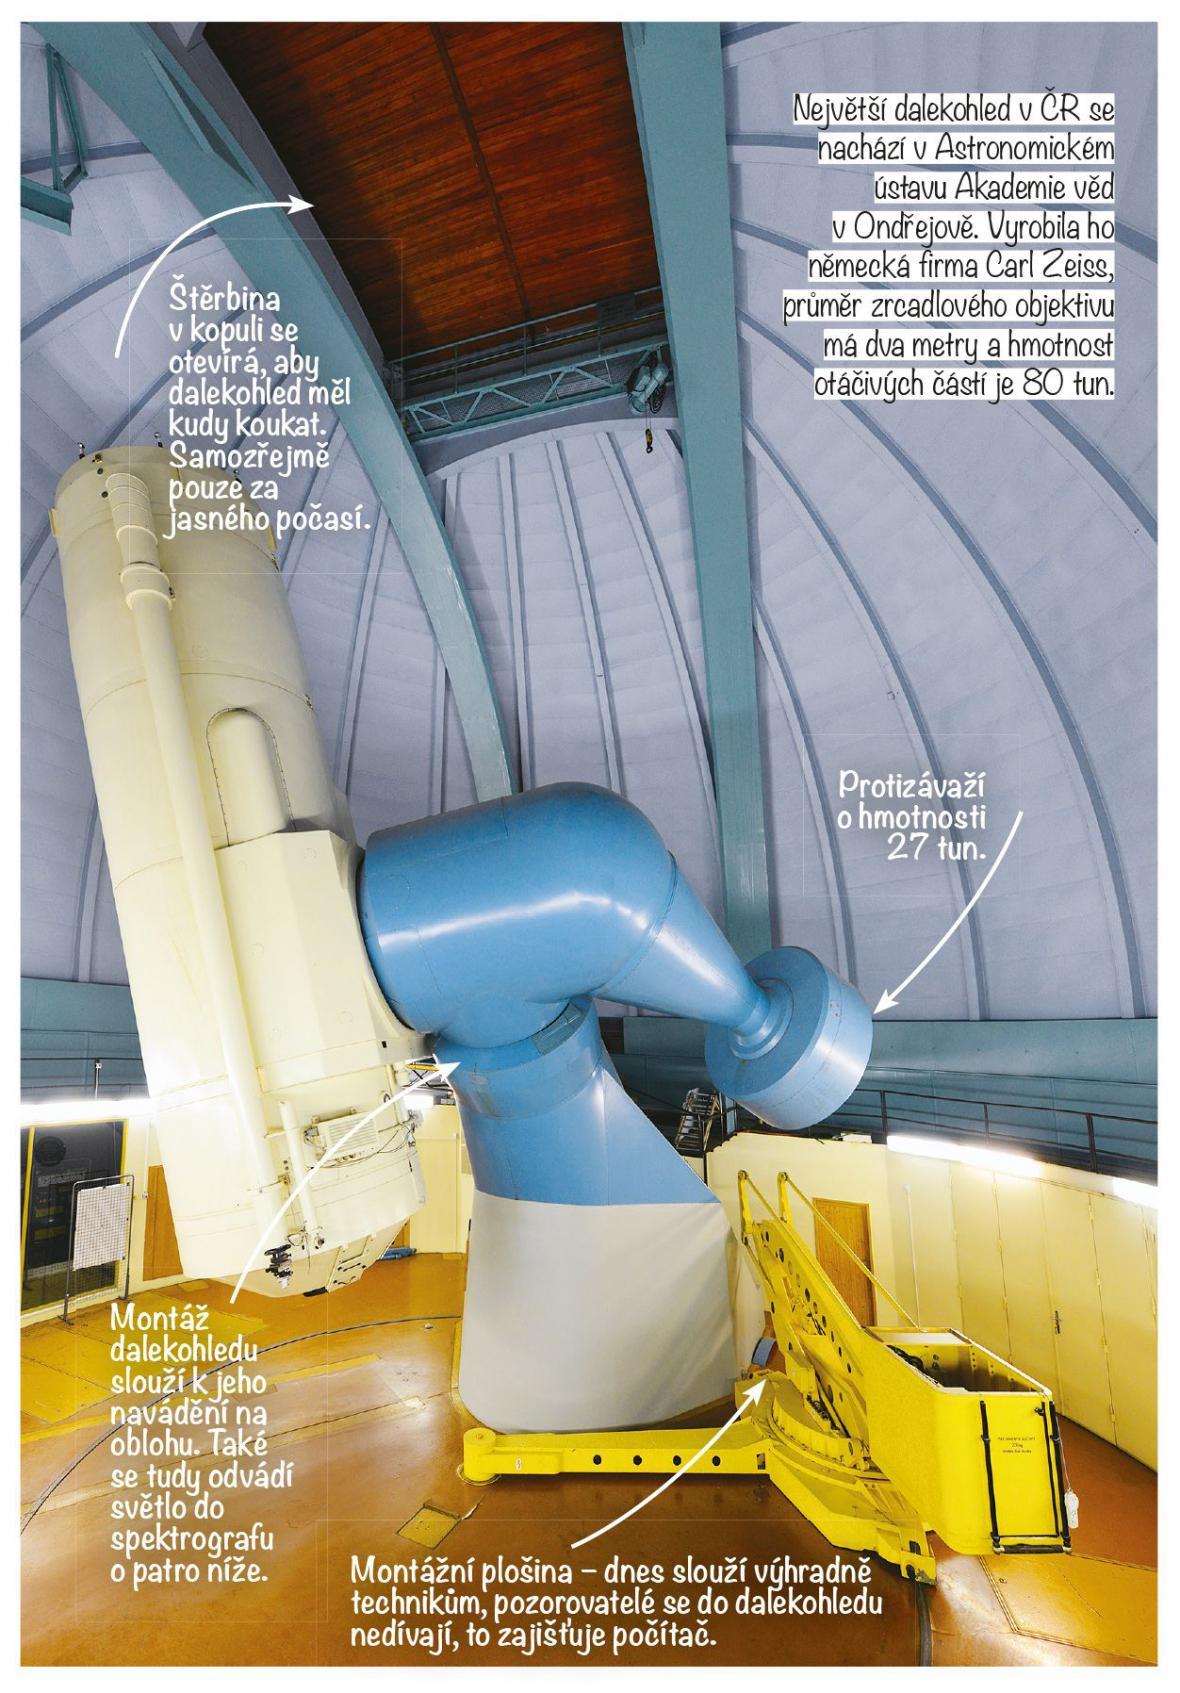 Perkův dalekohled v Ondřejově